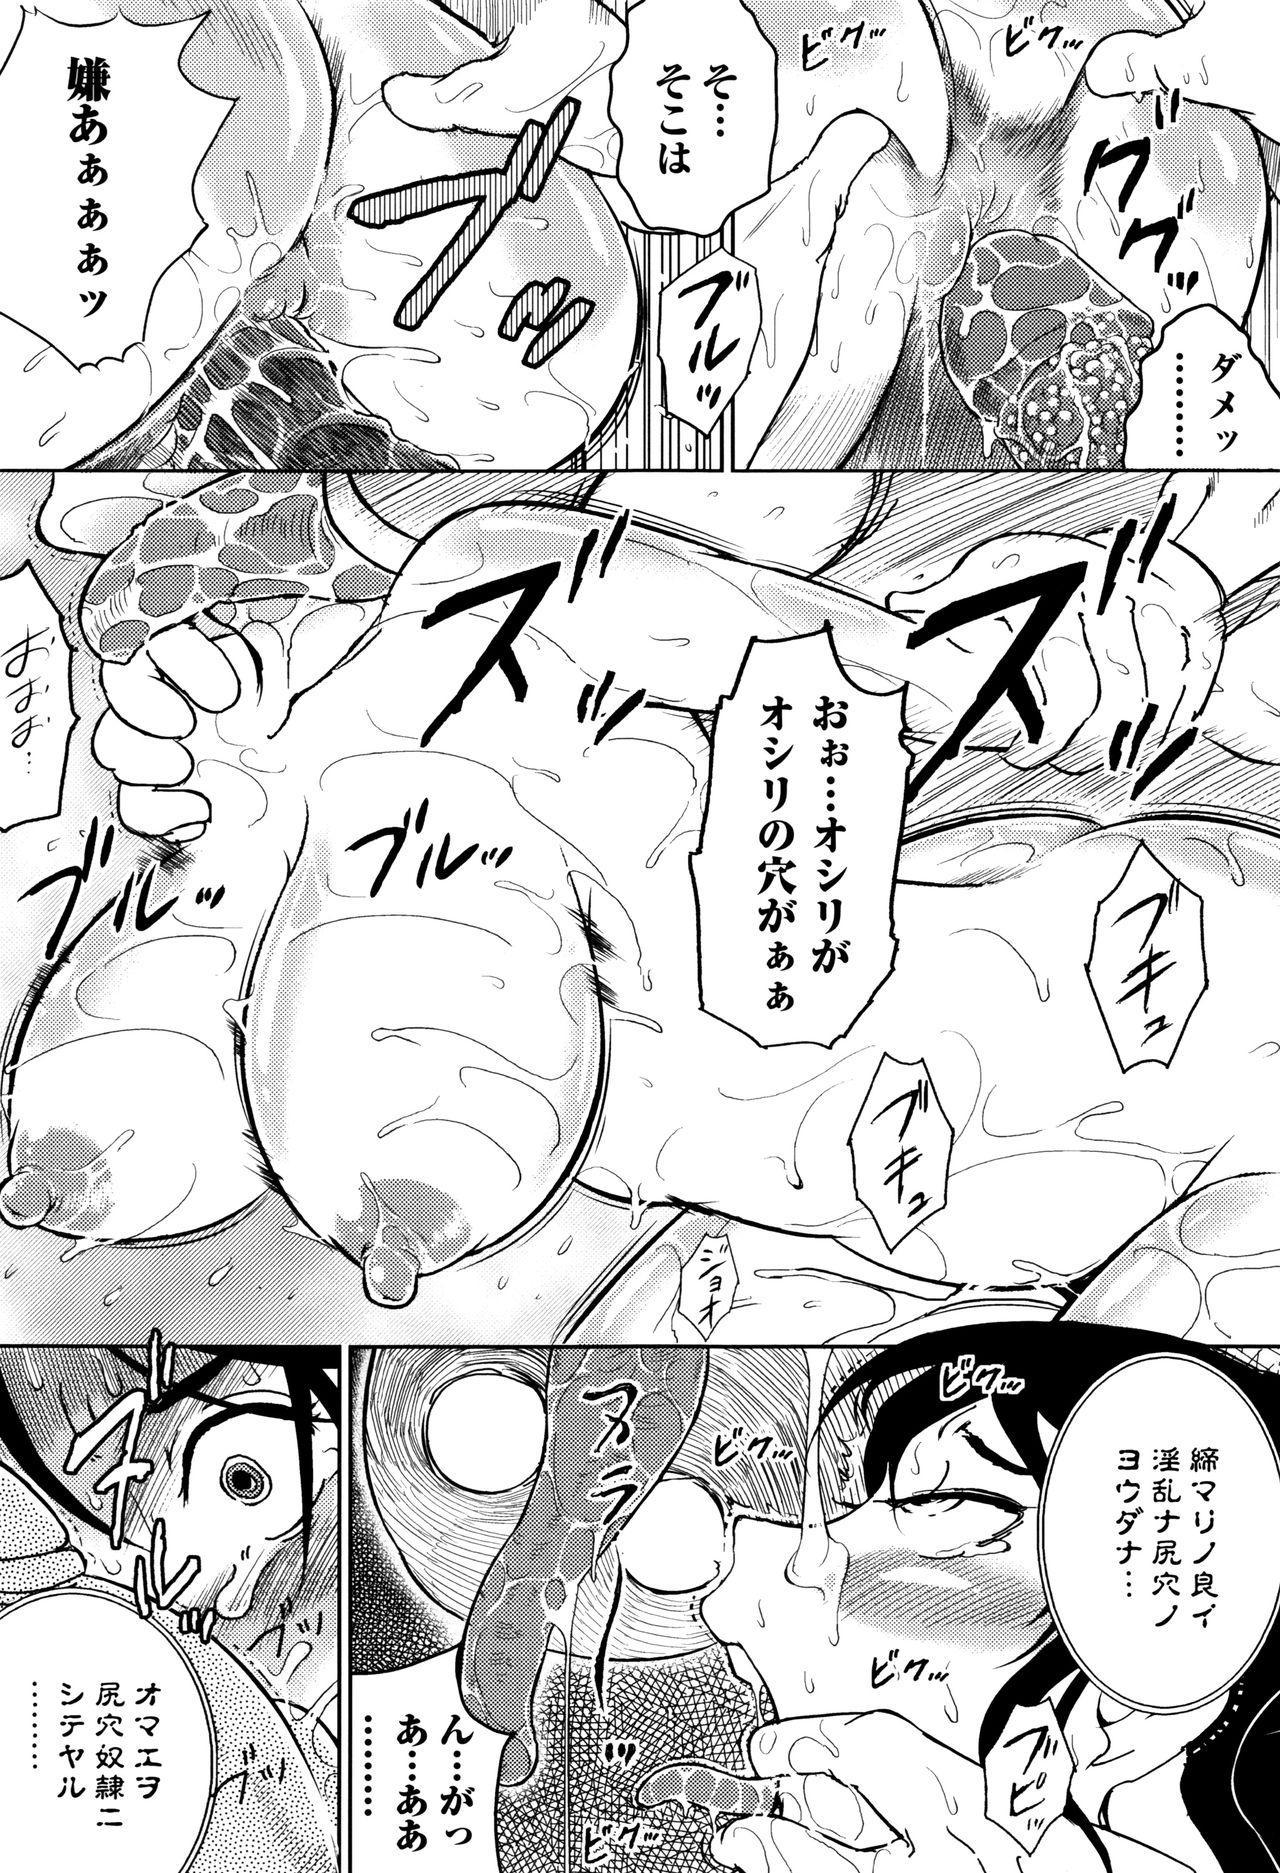 Ero BBA ♥ Dosukebe Ha Sengen 214